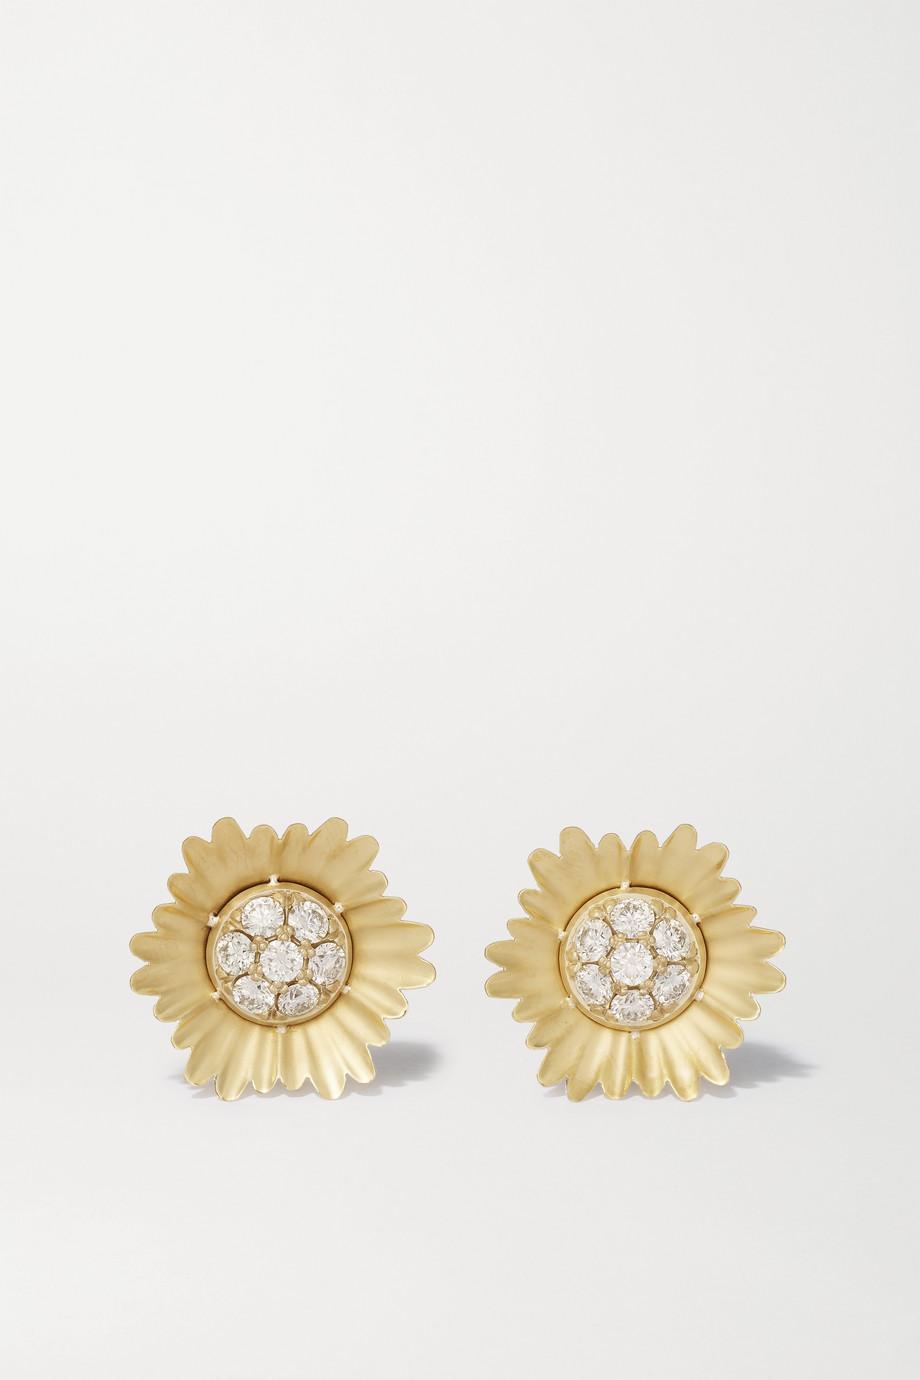 Irene Neuwirth Super Bloom 18-karat yellow and white gold diamond earrings